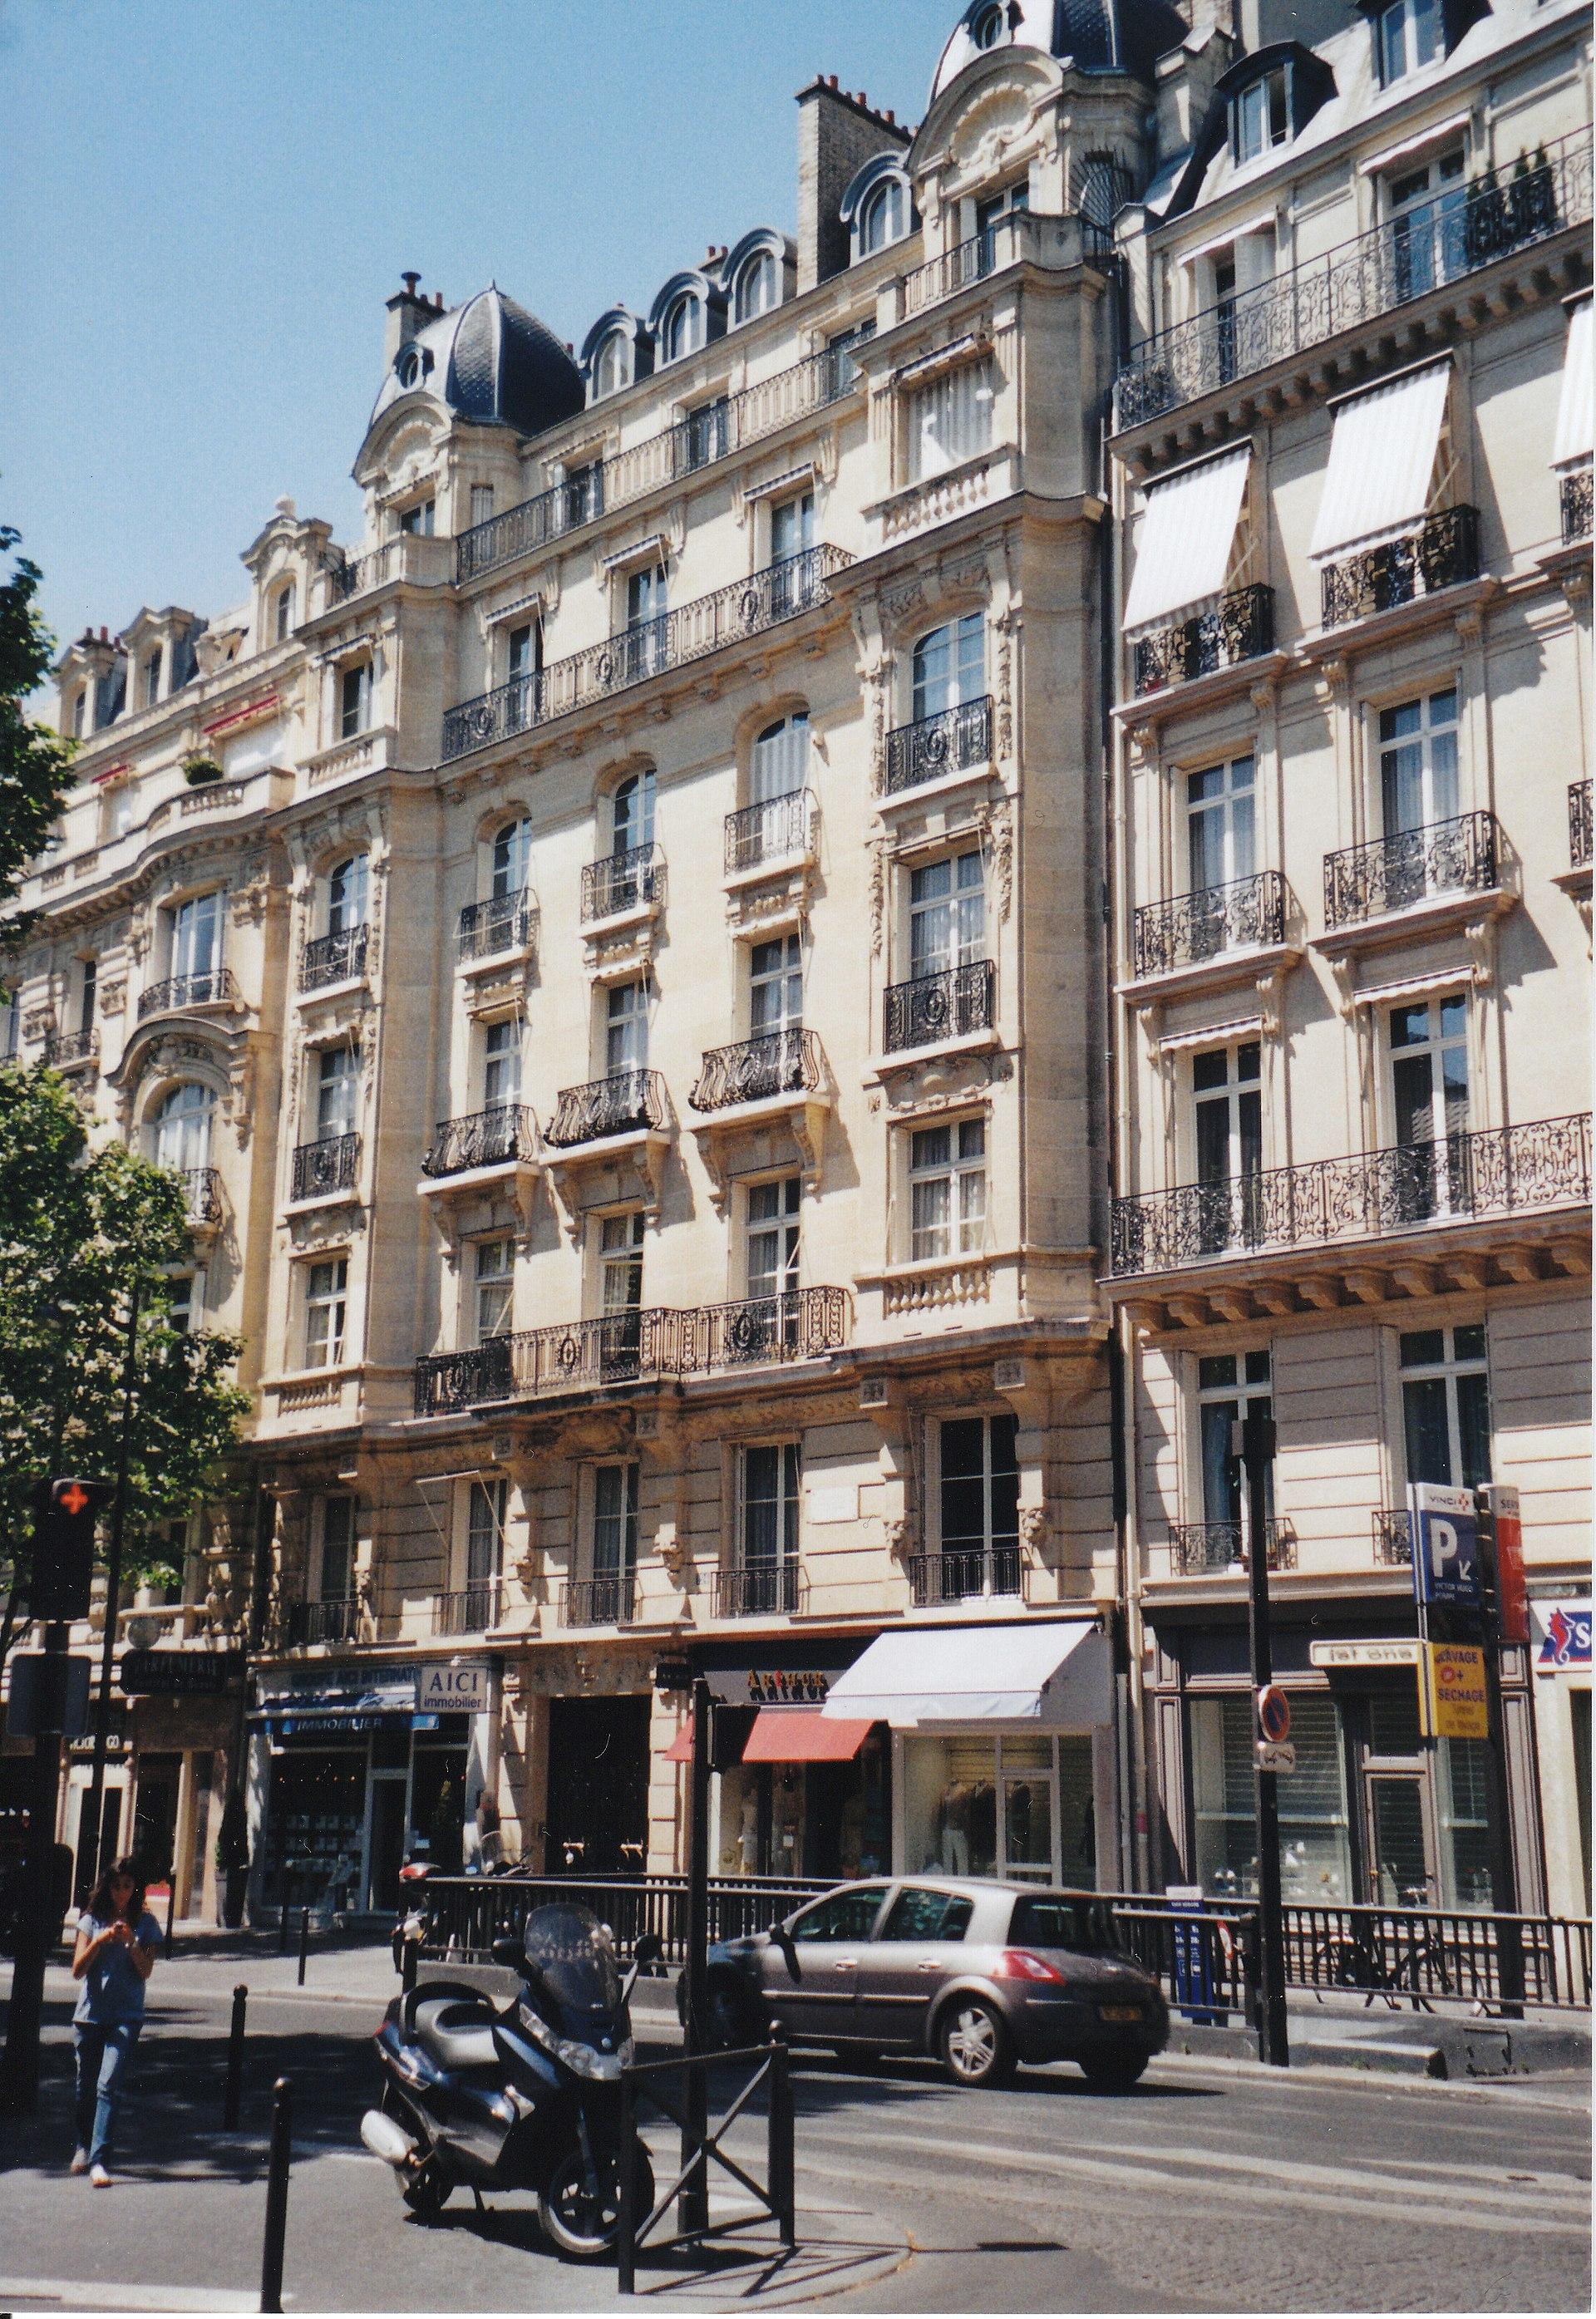 Avenue victor hugo wikipedia - Boutique avenue victor hugo ...